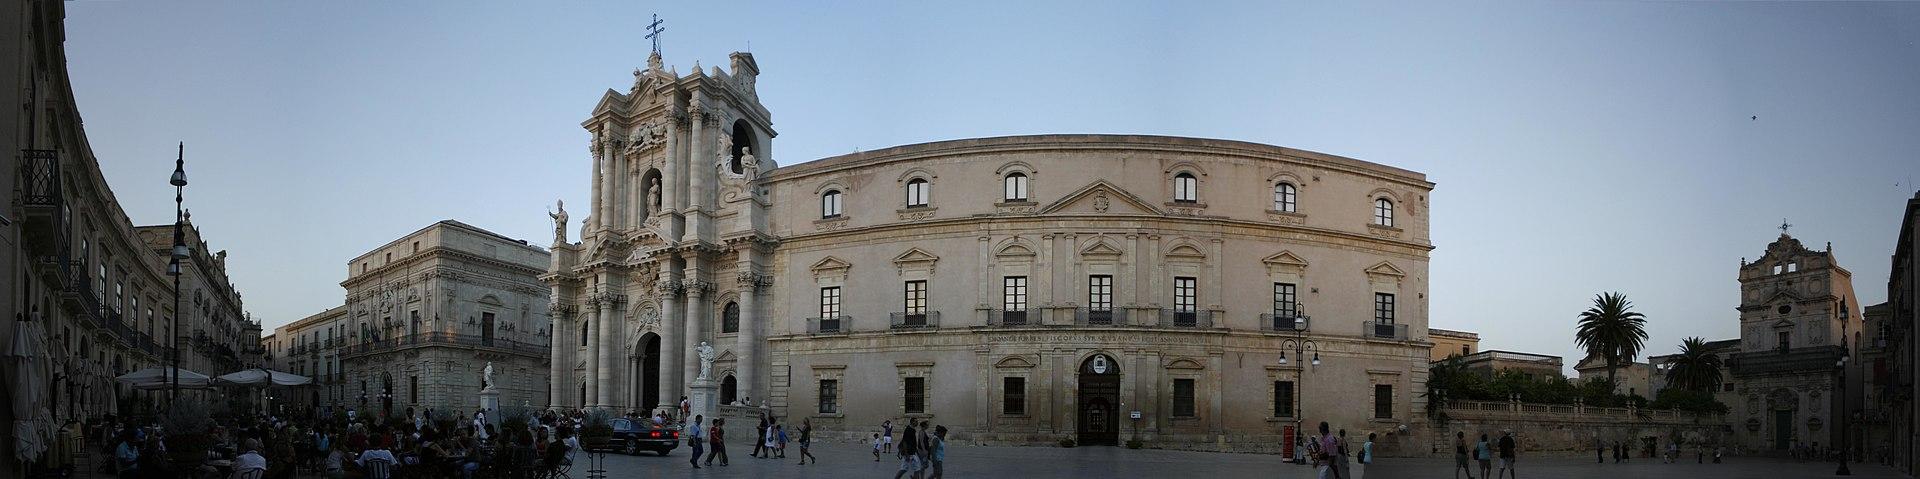 Visuale - Piazza Duomo - Syracuse.jpg